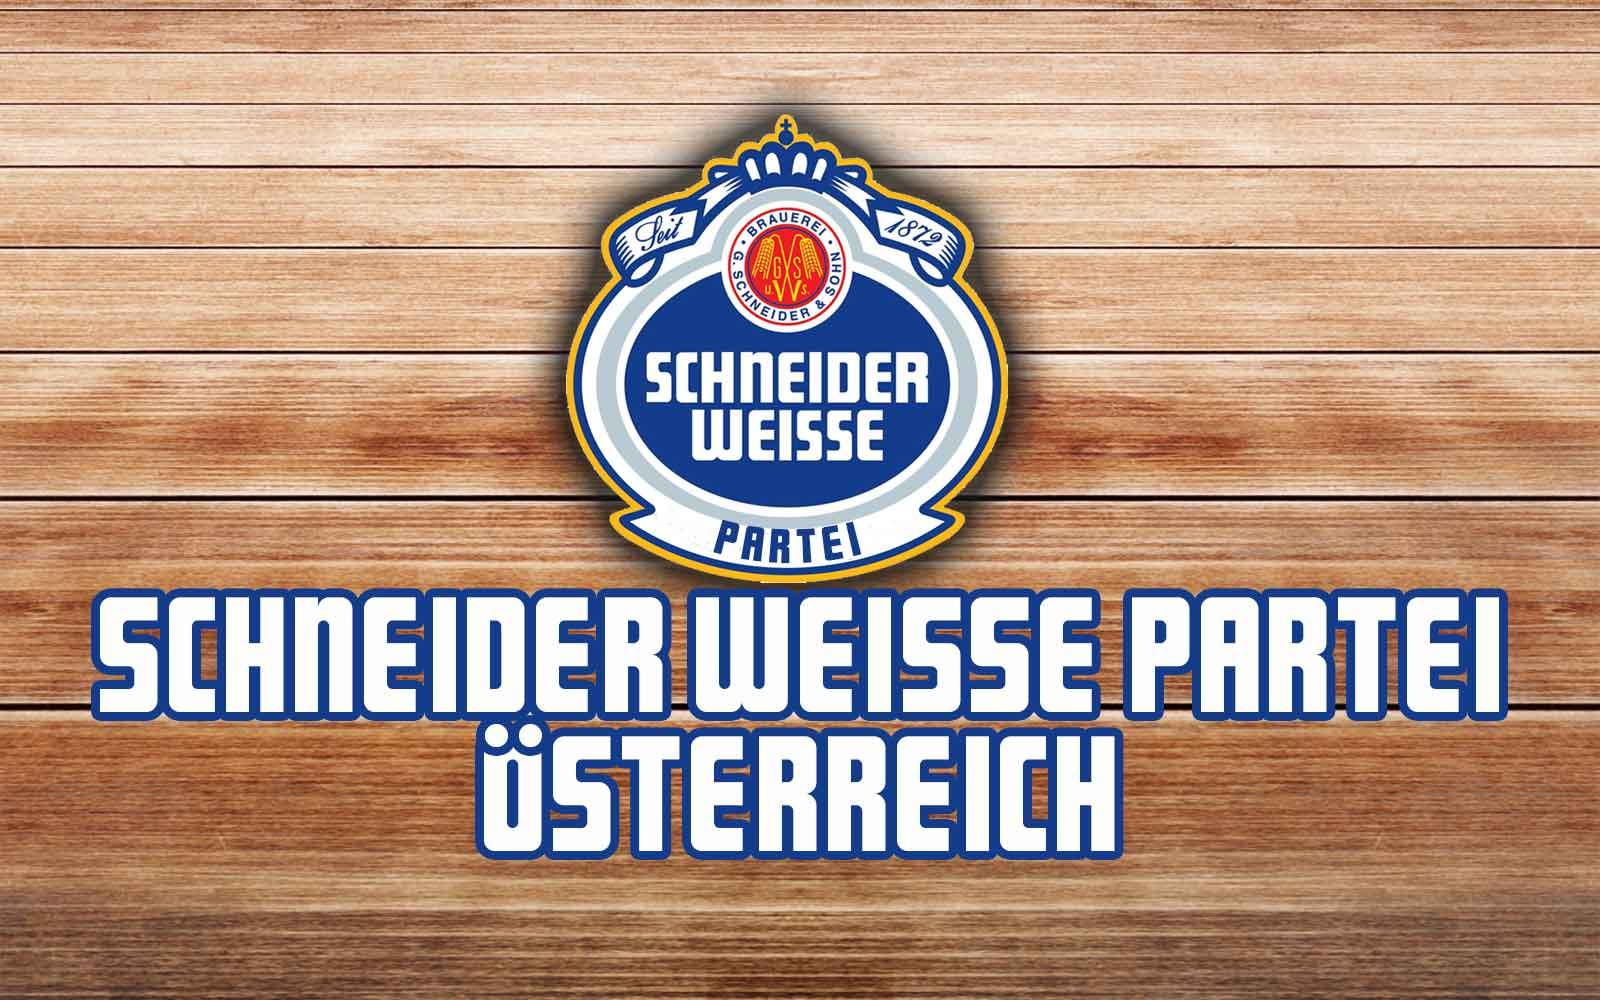 Schneider Weisse Partei Österreich – Endlich eine Alternative zur Wienwahl?